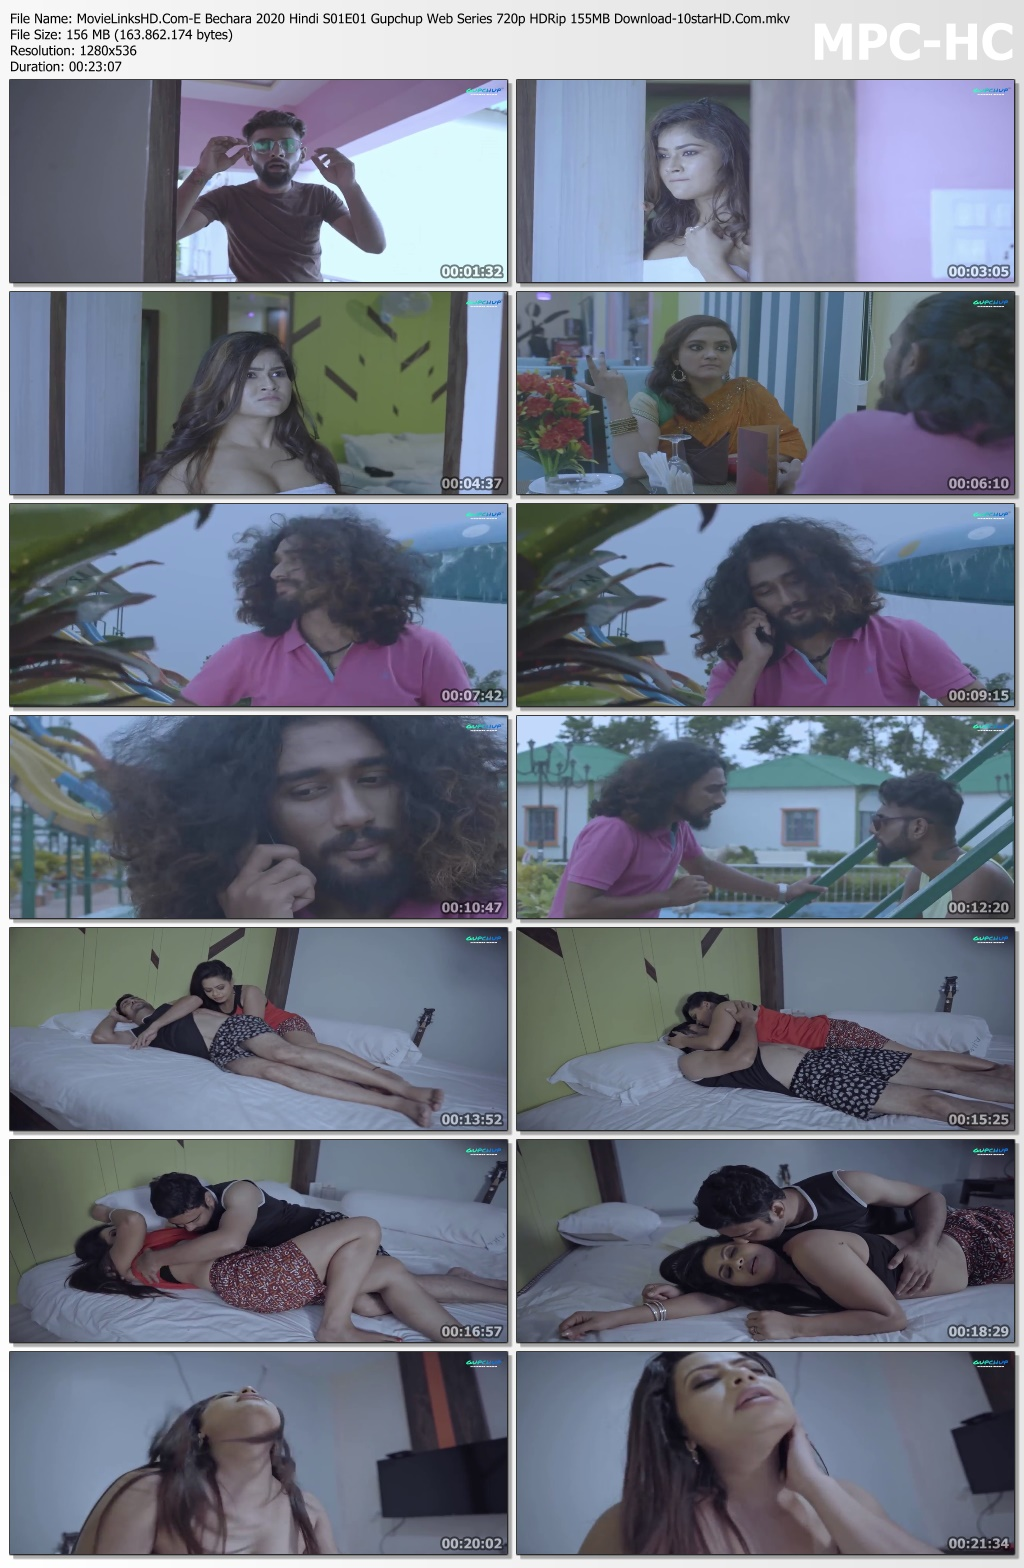 Movie-Links-HD-Com-E-Bechara-2020-Hindi-S01-E01-Gupchup-Web-Series-720p-HDRip-155-MB-Download-10star